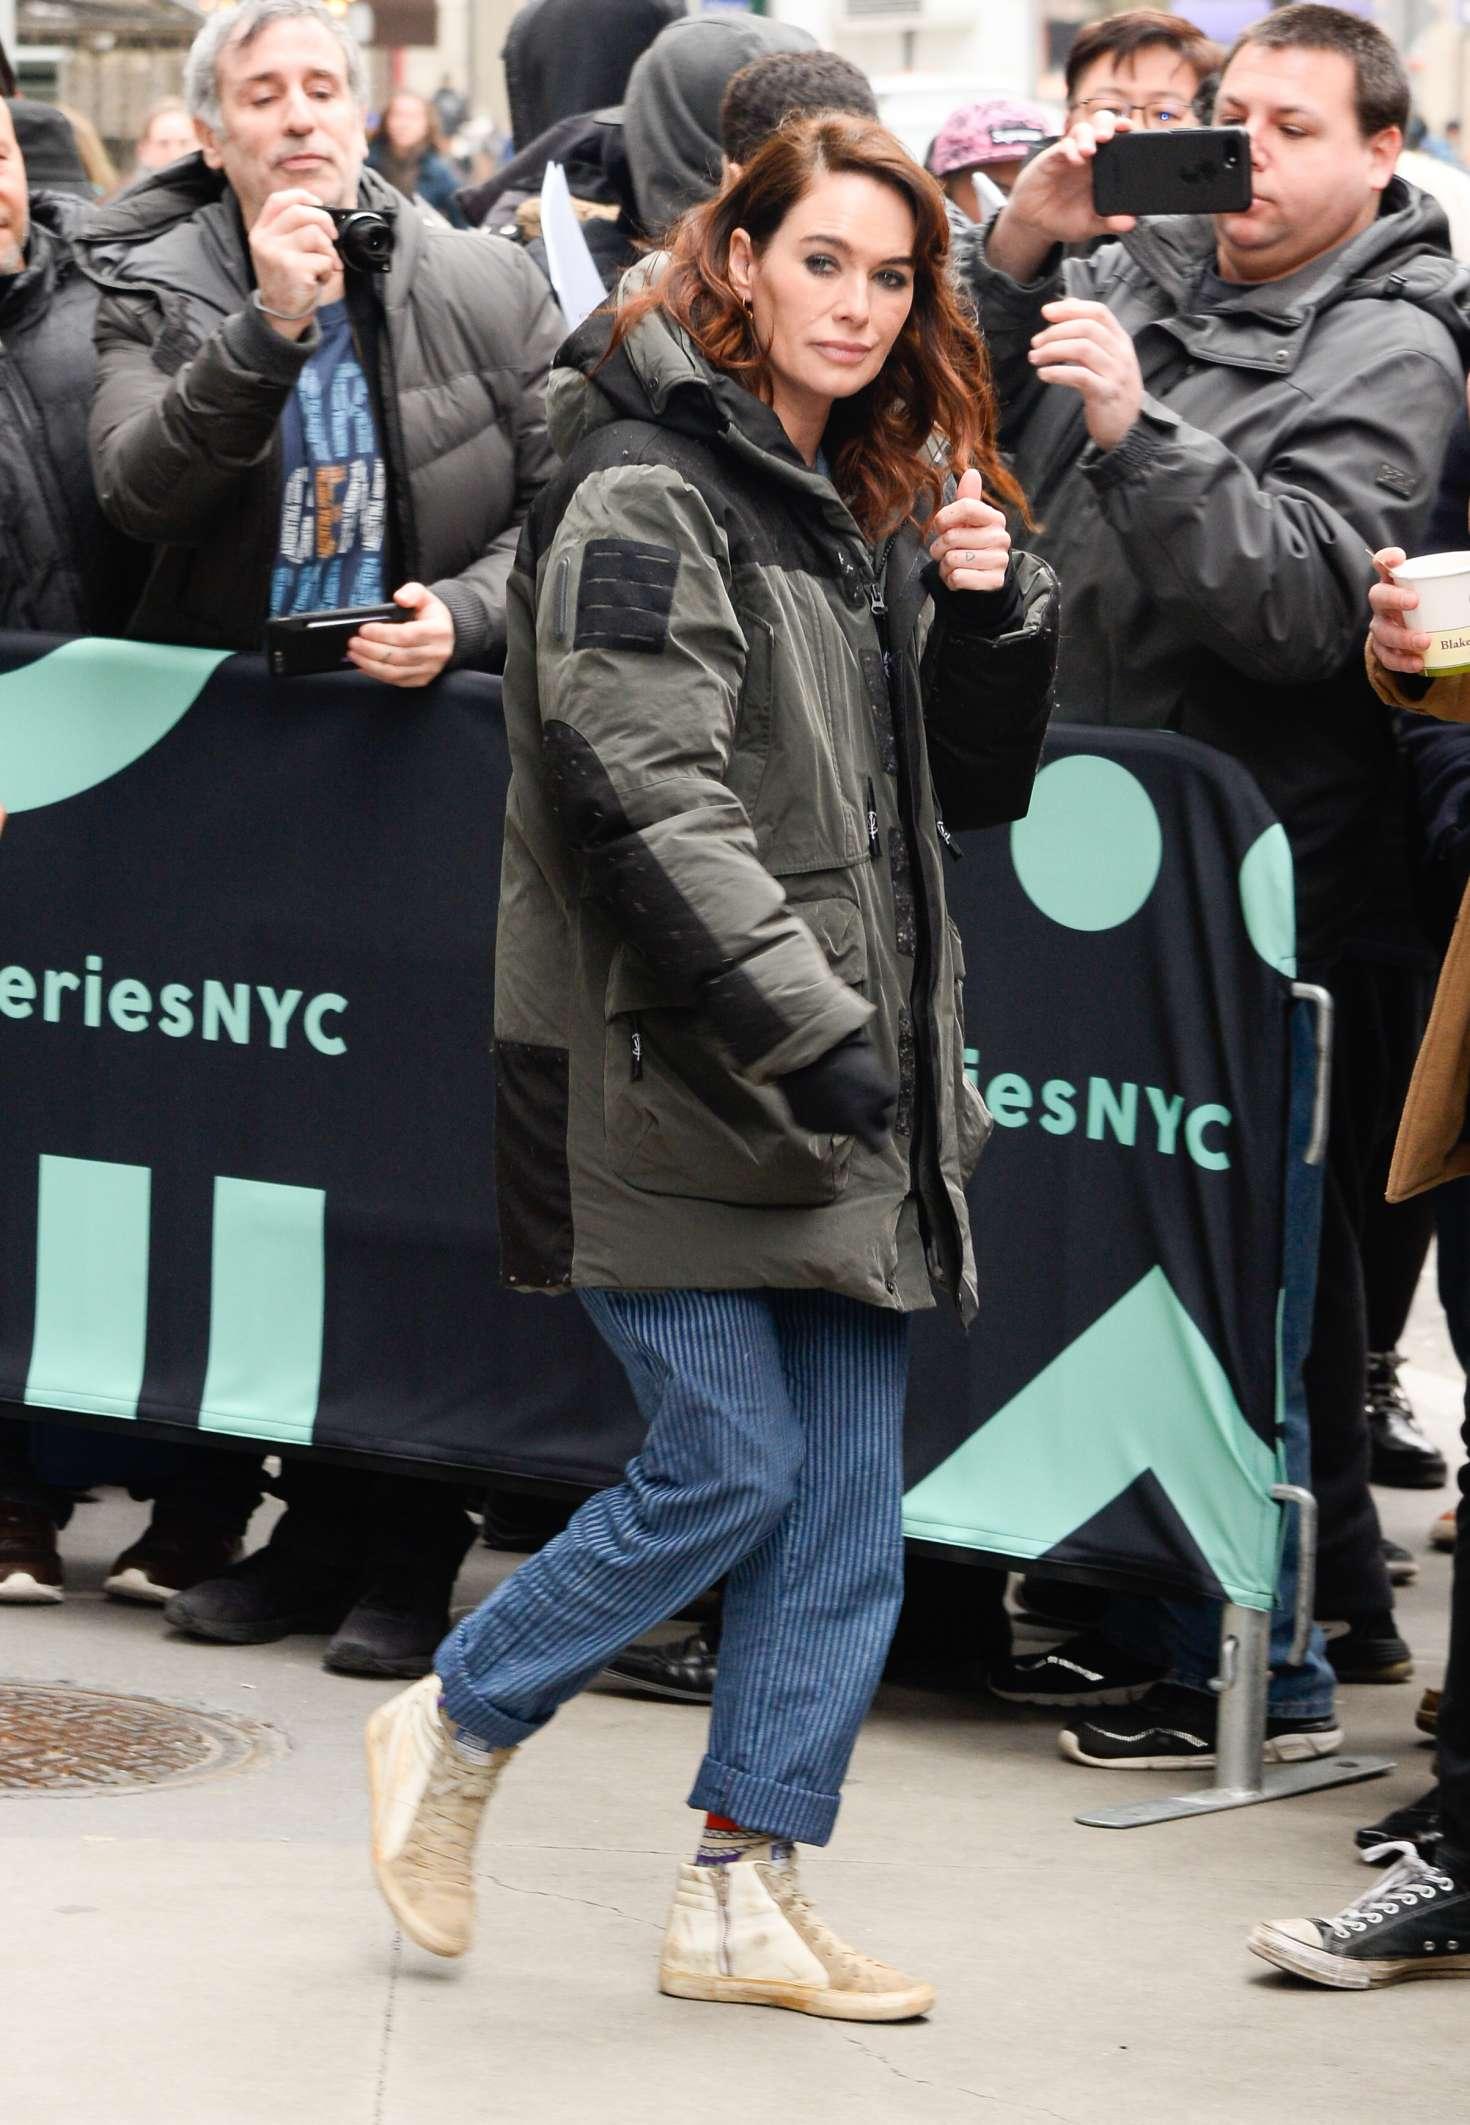 Lena Headey 2019 : Lena Headey: Out in New York -02